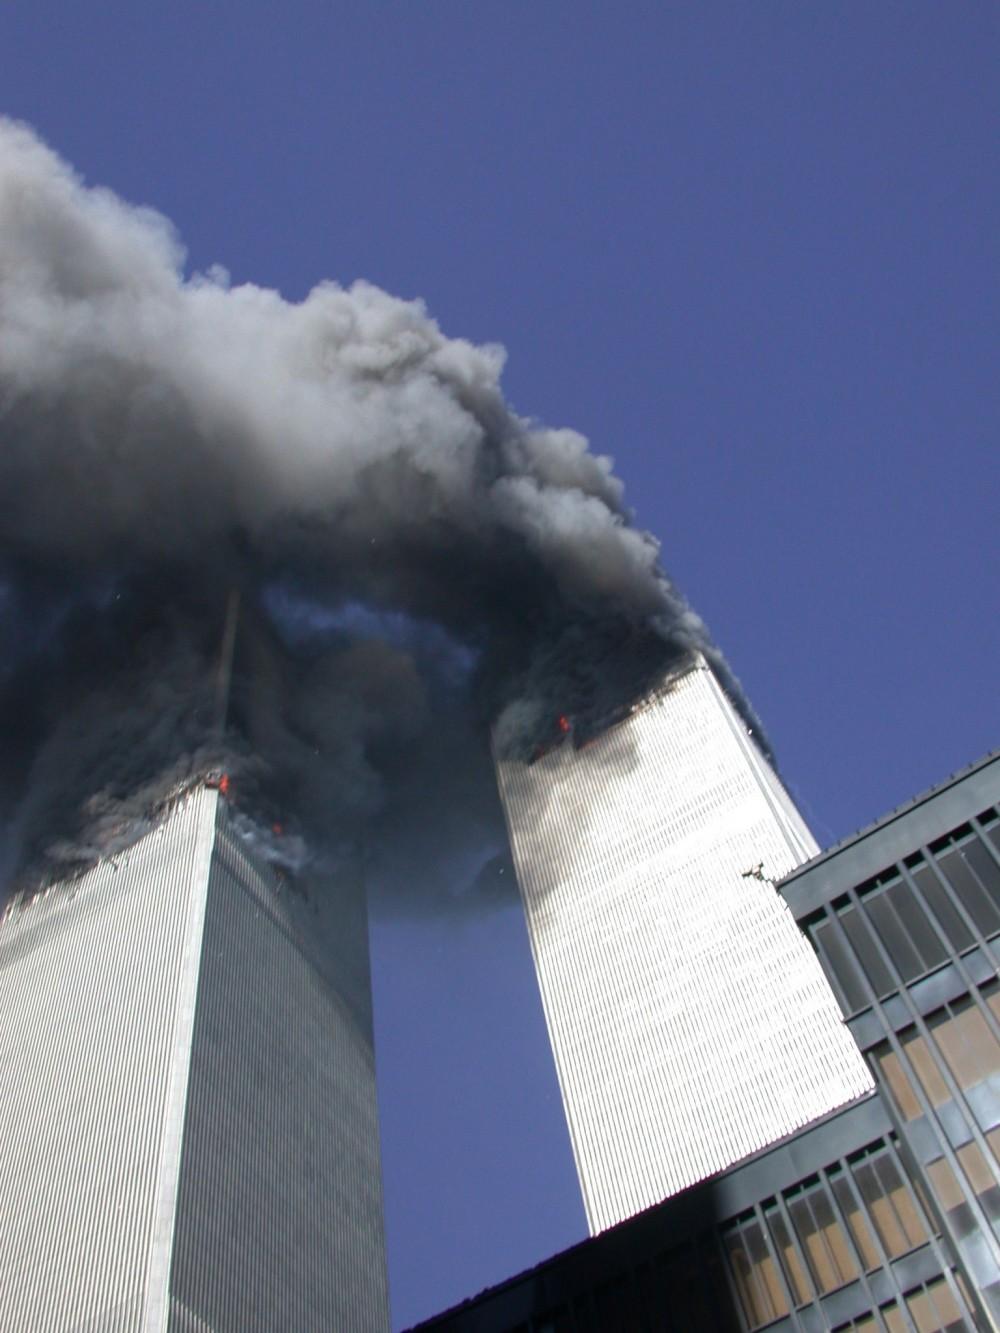 Теракт 11 сентября // Секретная служба США выложила ранее не публиковавшиеся фото